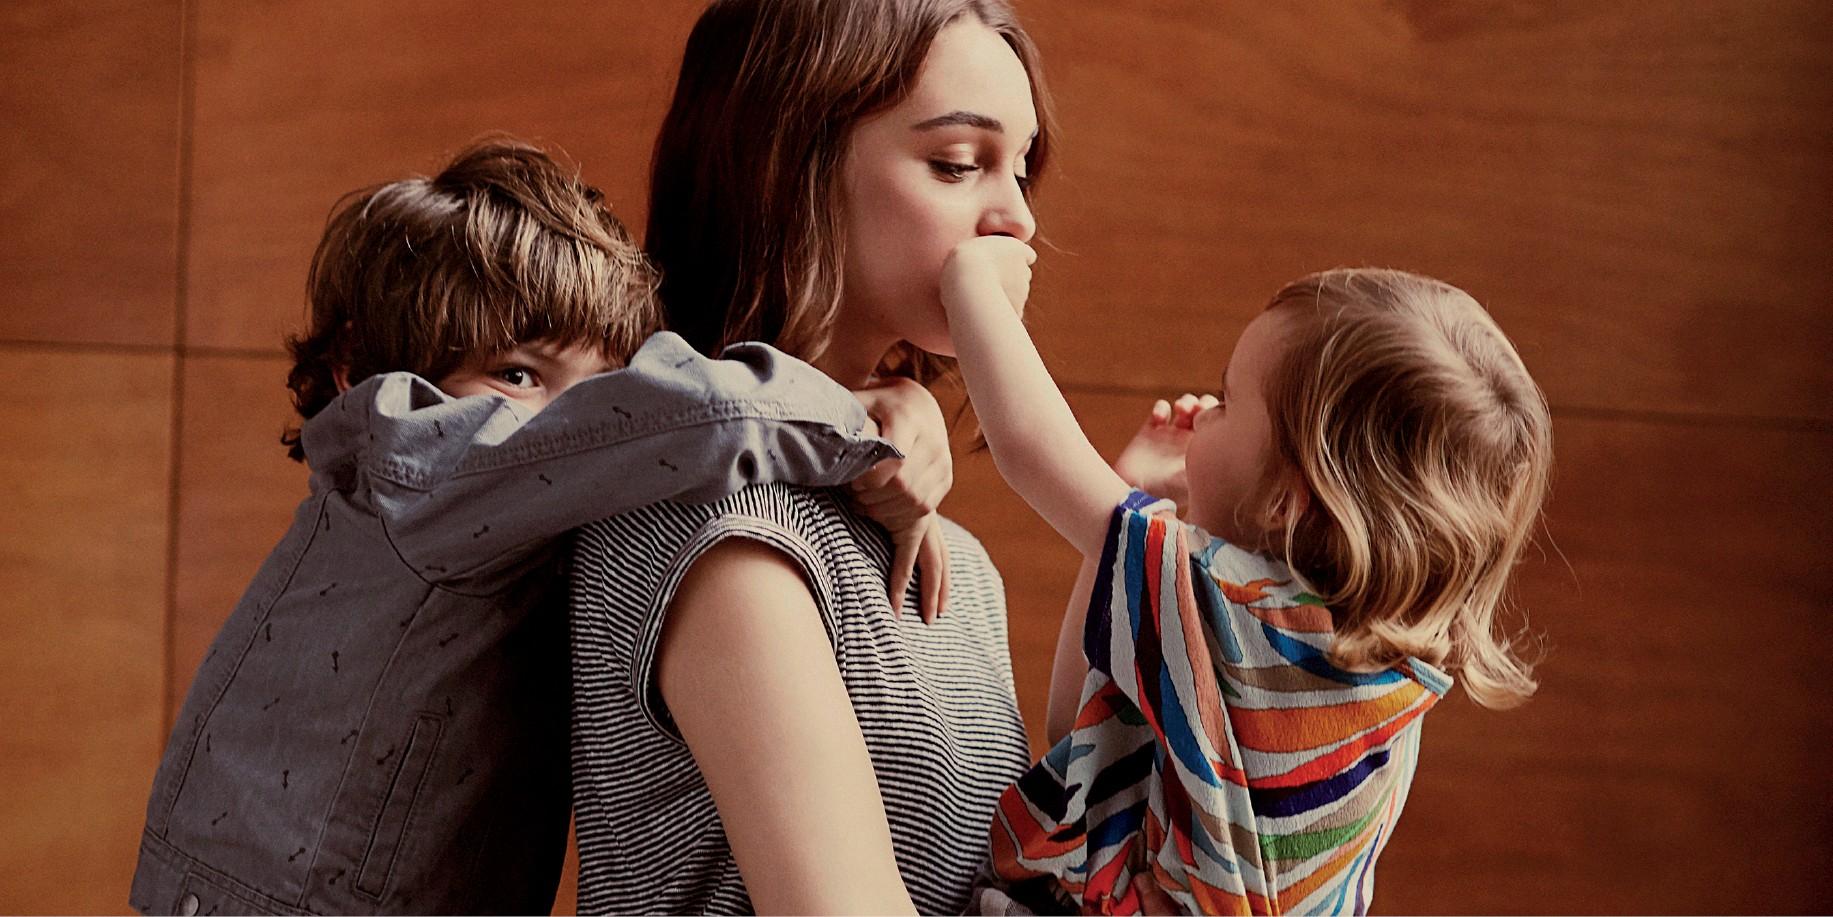 Μητρότητα: 9 διαφορετικές ιστορίες μαμάδων